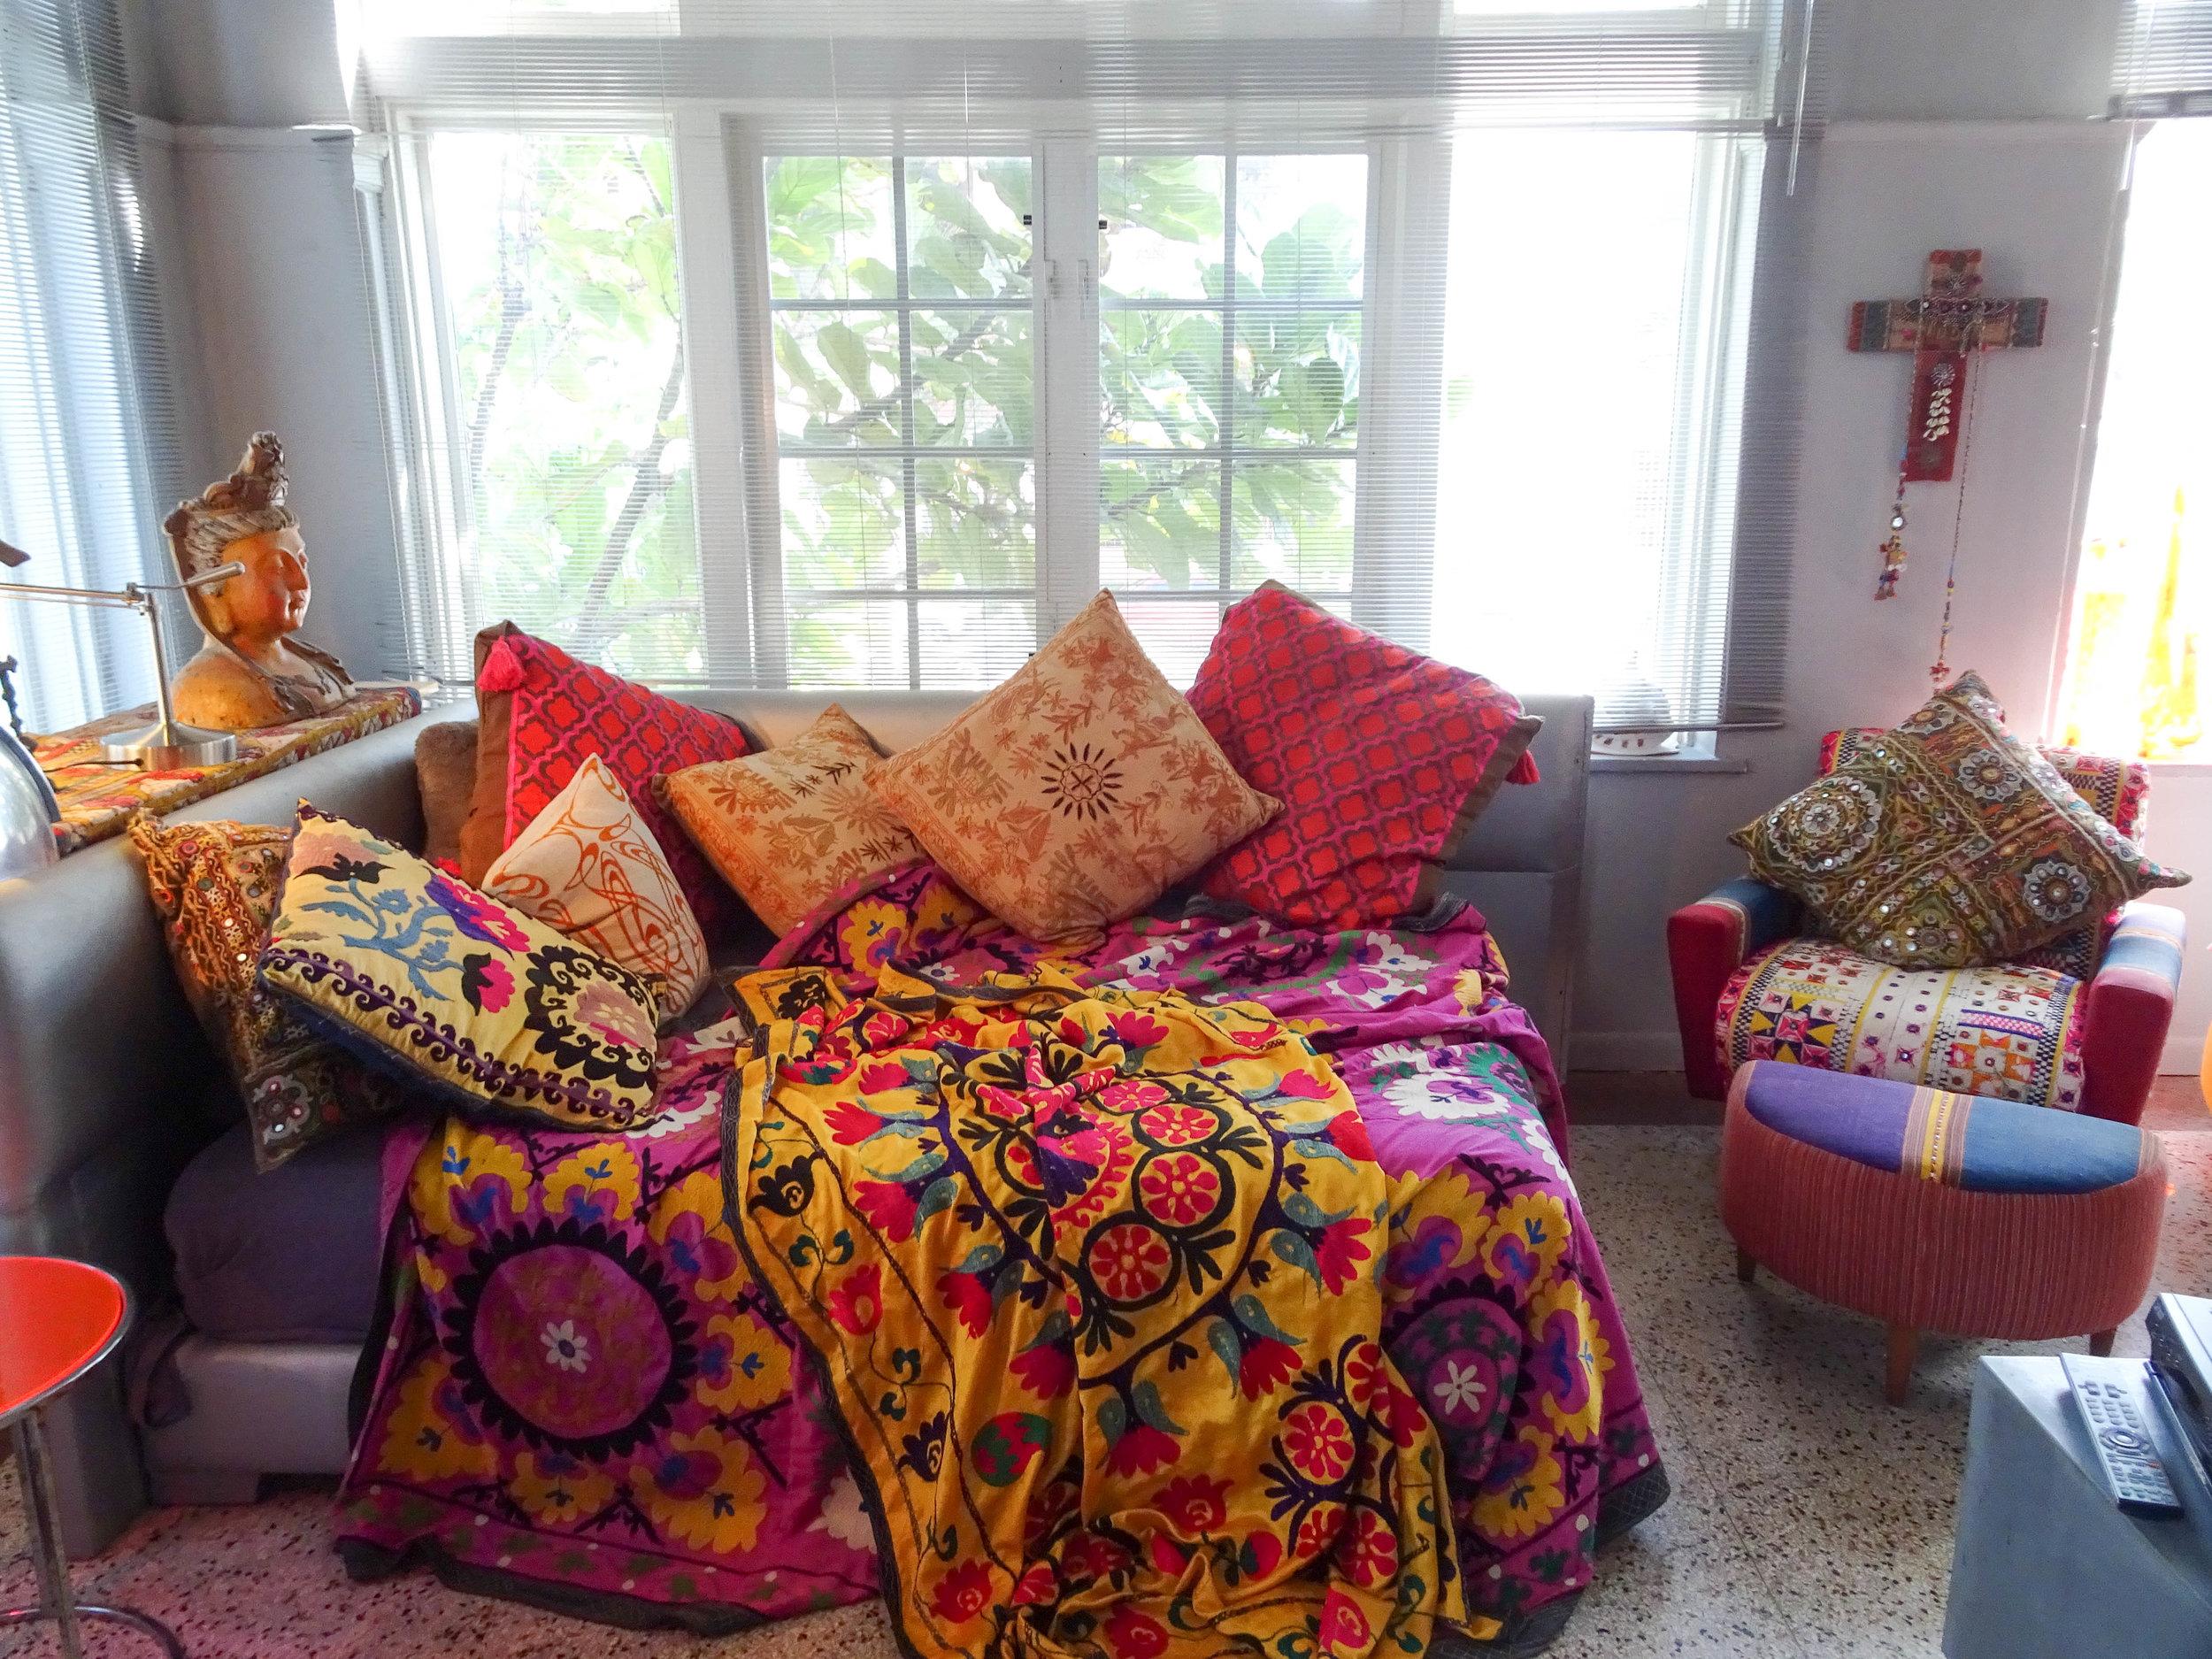 Take a tour around Interior & Biba fashion designer, Barbara Hulanicki's Miami home